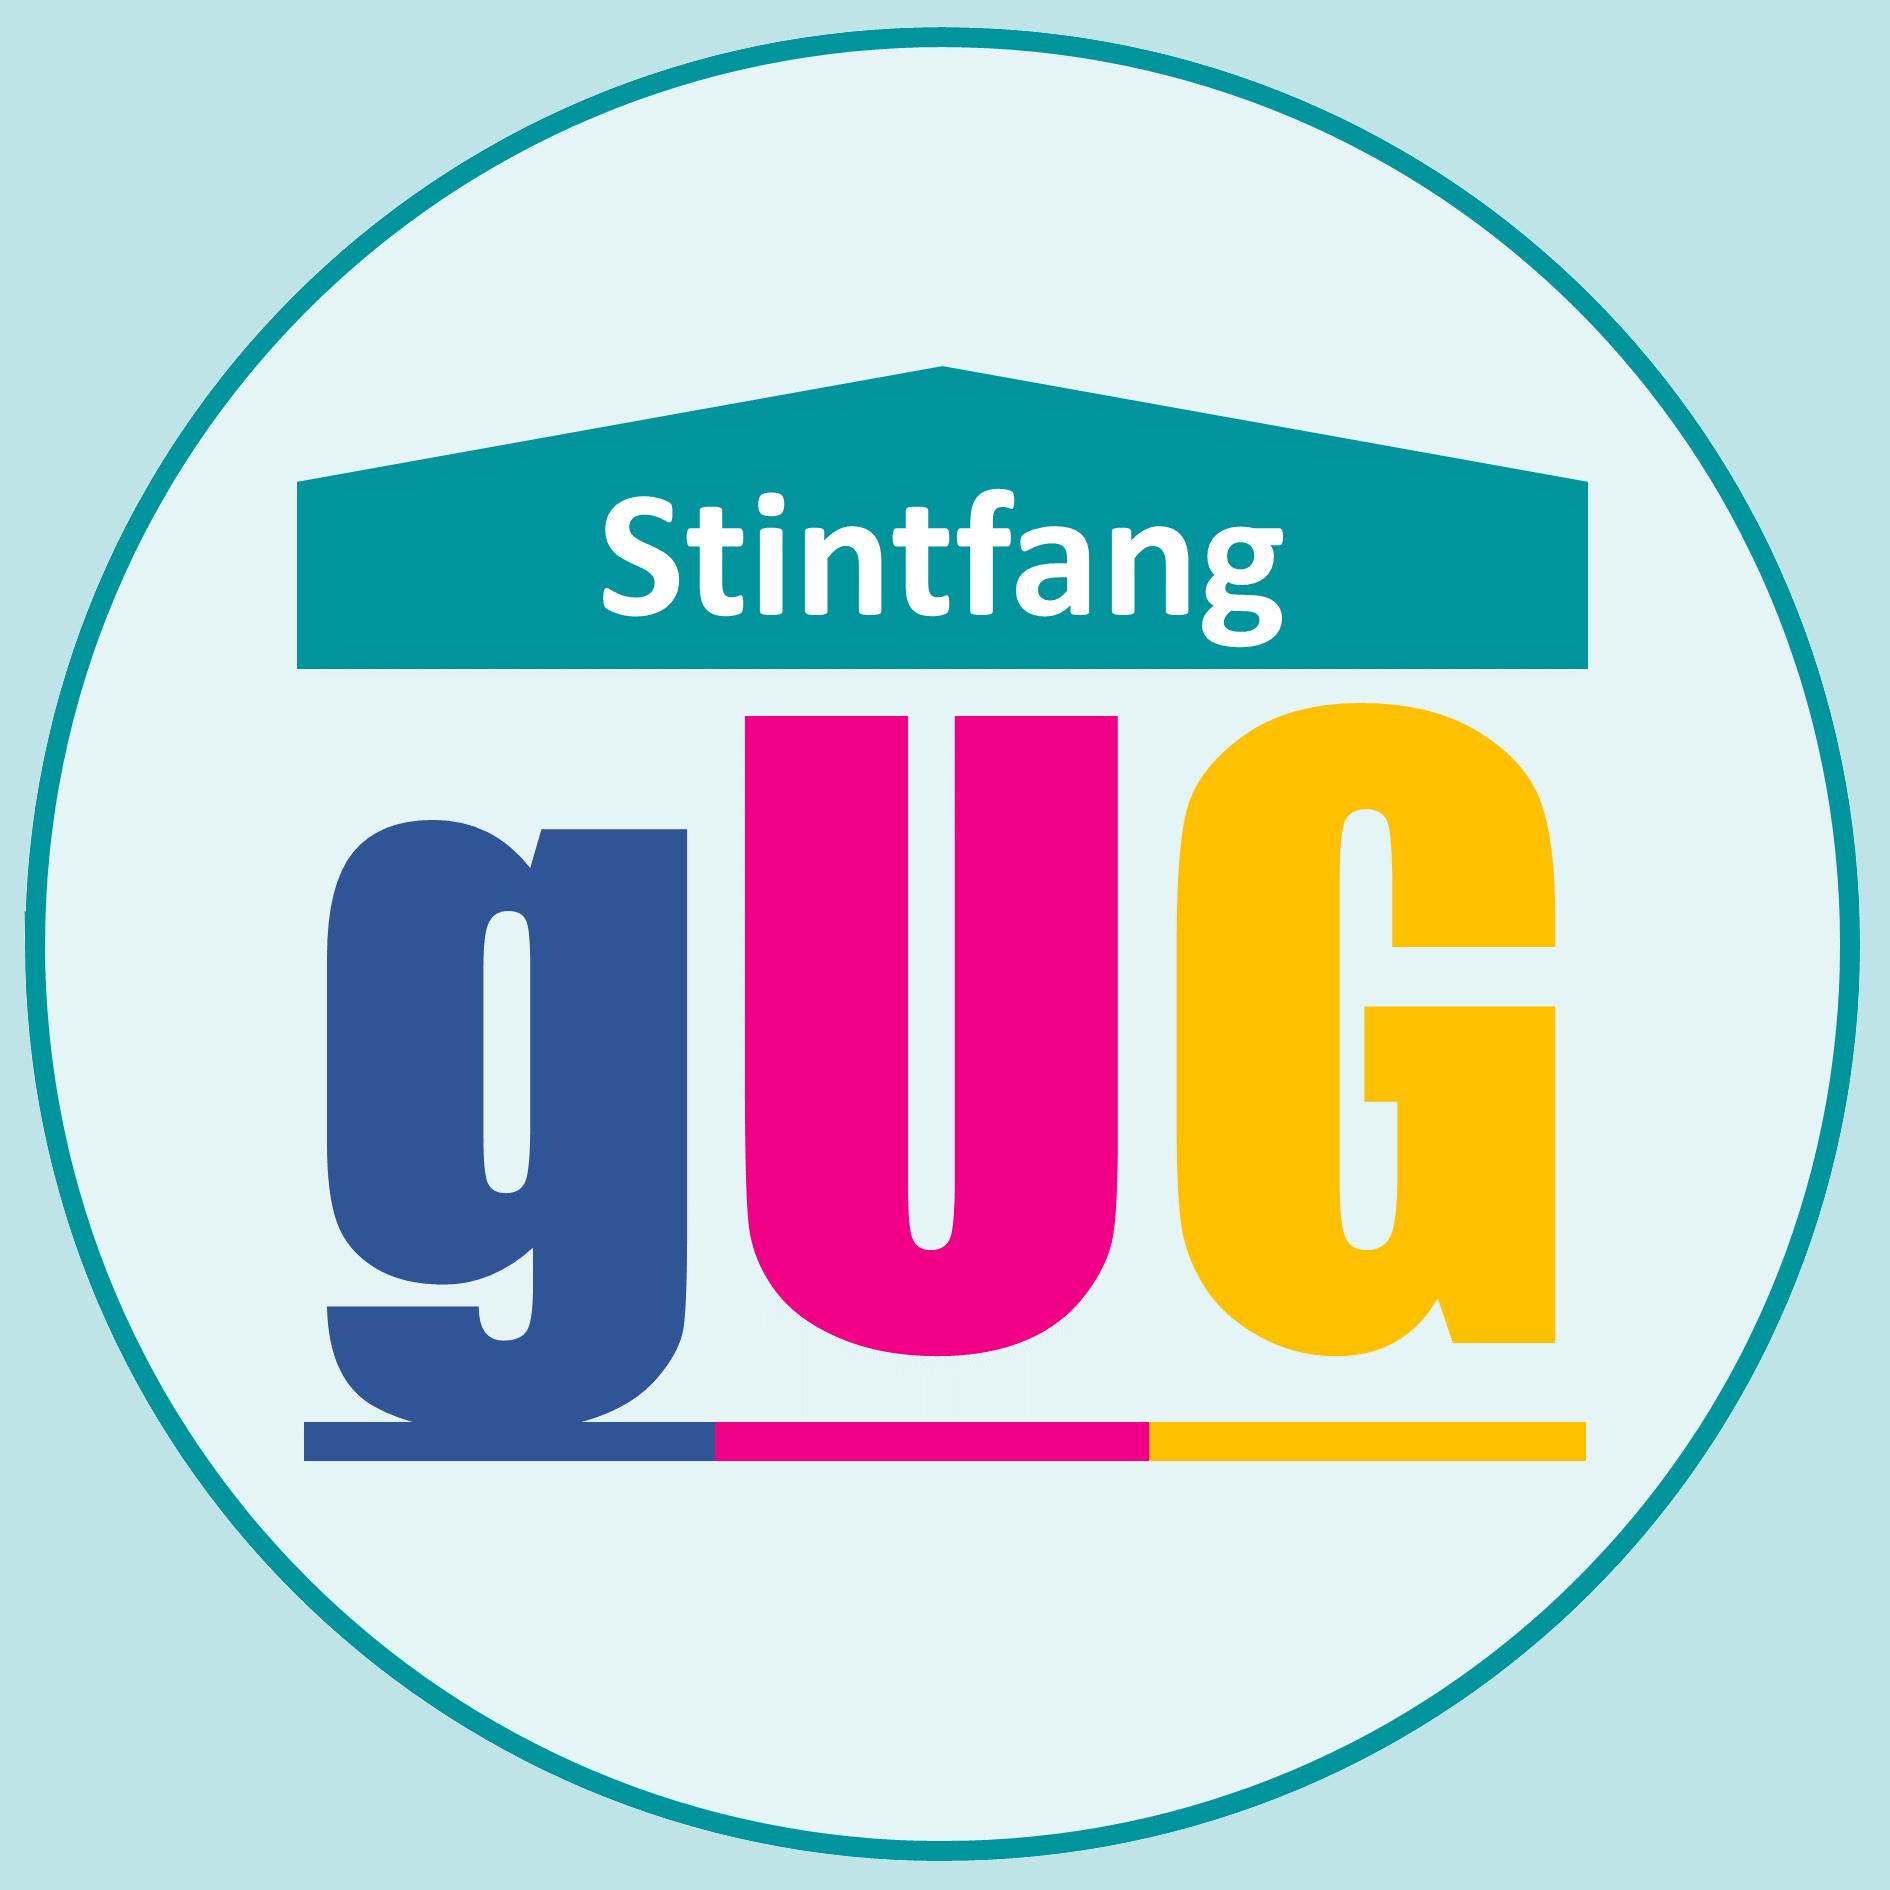 Stintfang-gUG